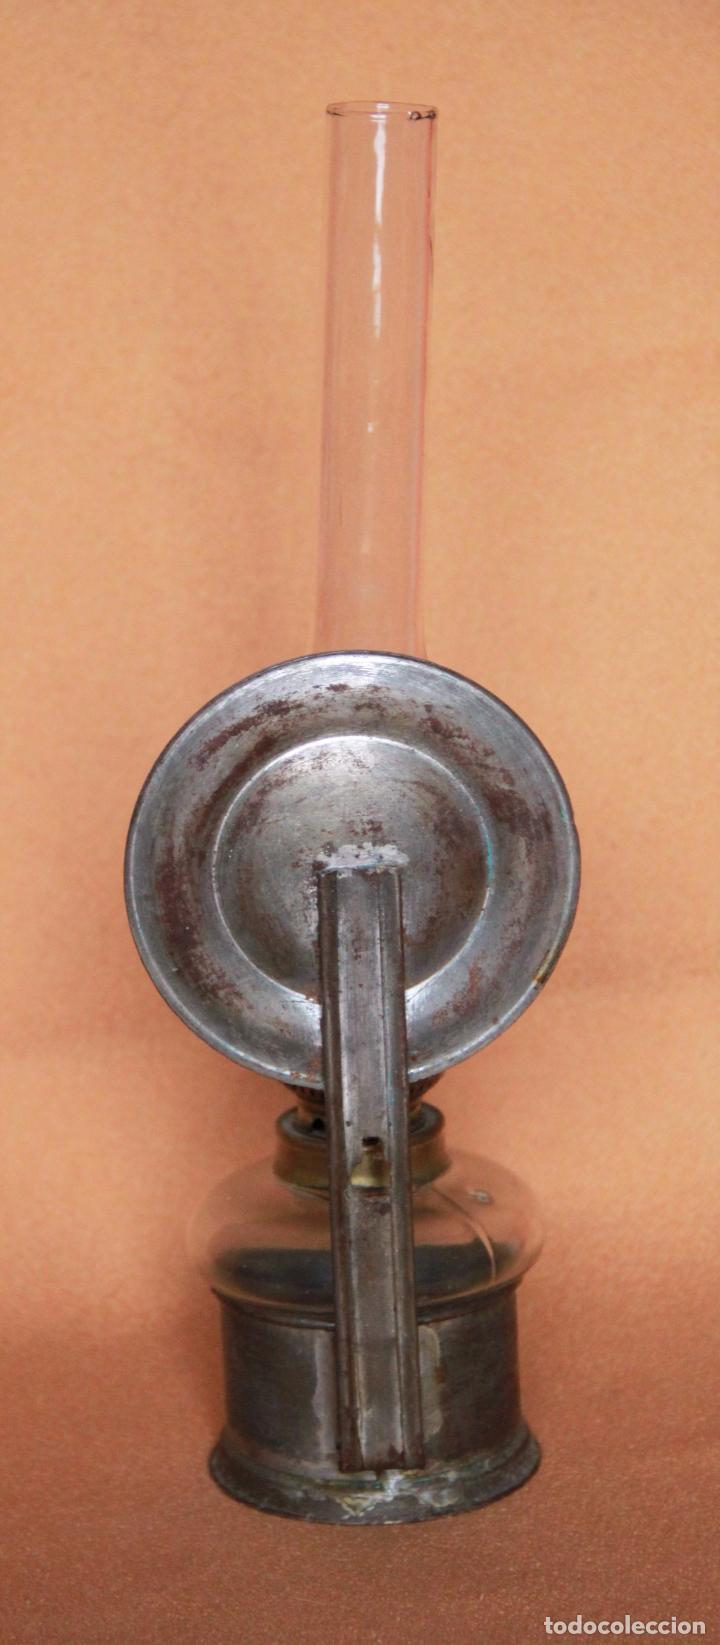 Antigüedades: QUINQUE - LAMPARA DE ACEITE O PETROLEO - Foto 4 - 75868219